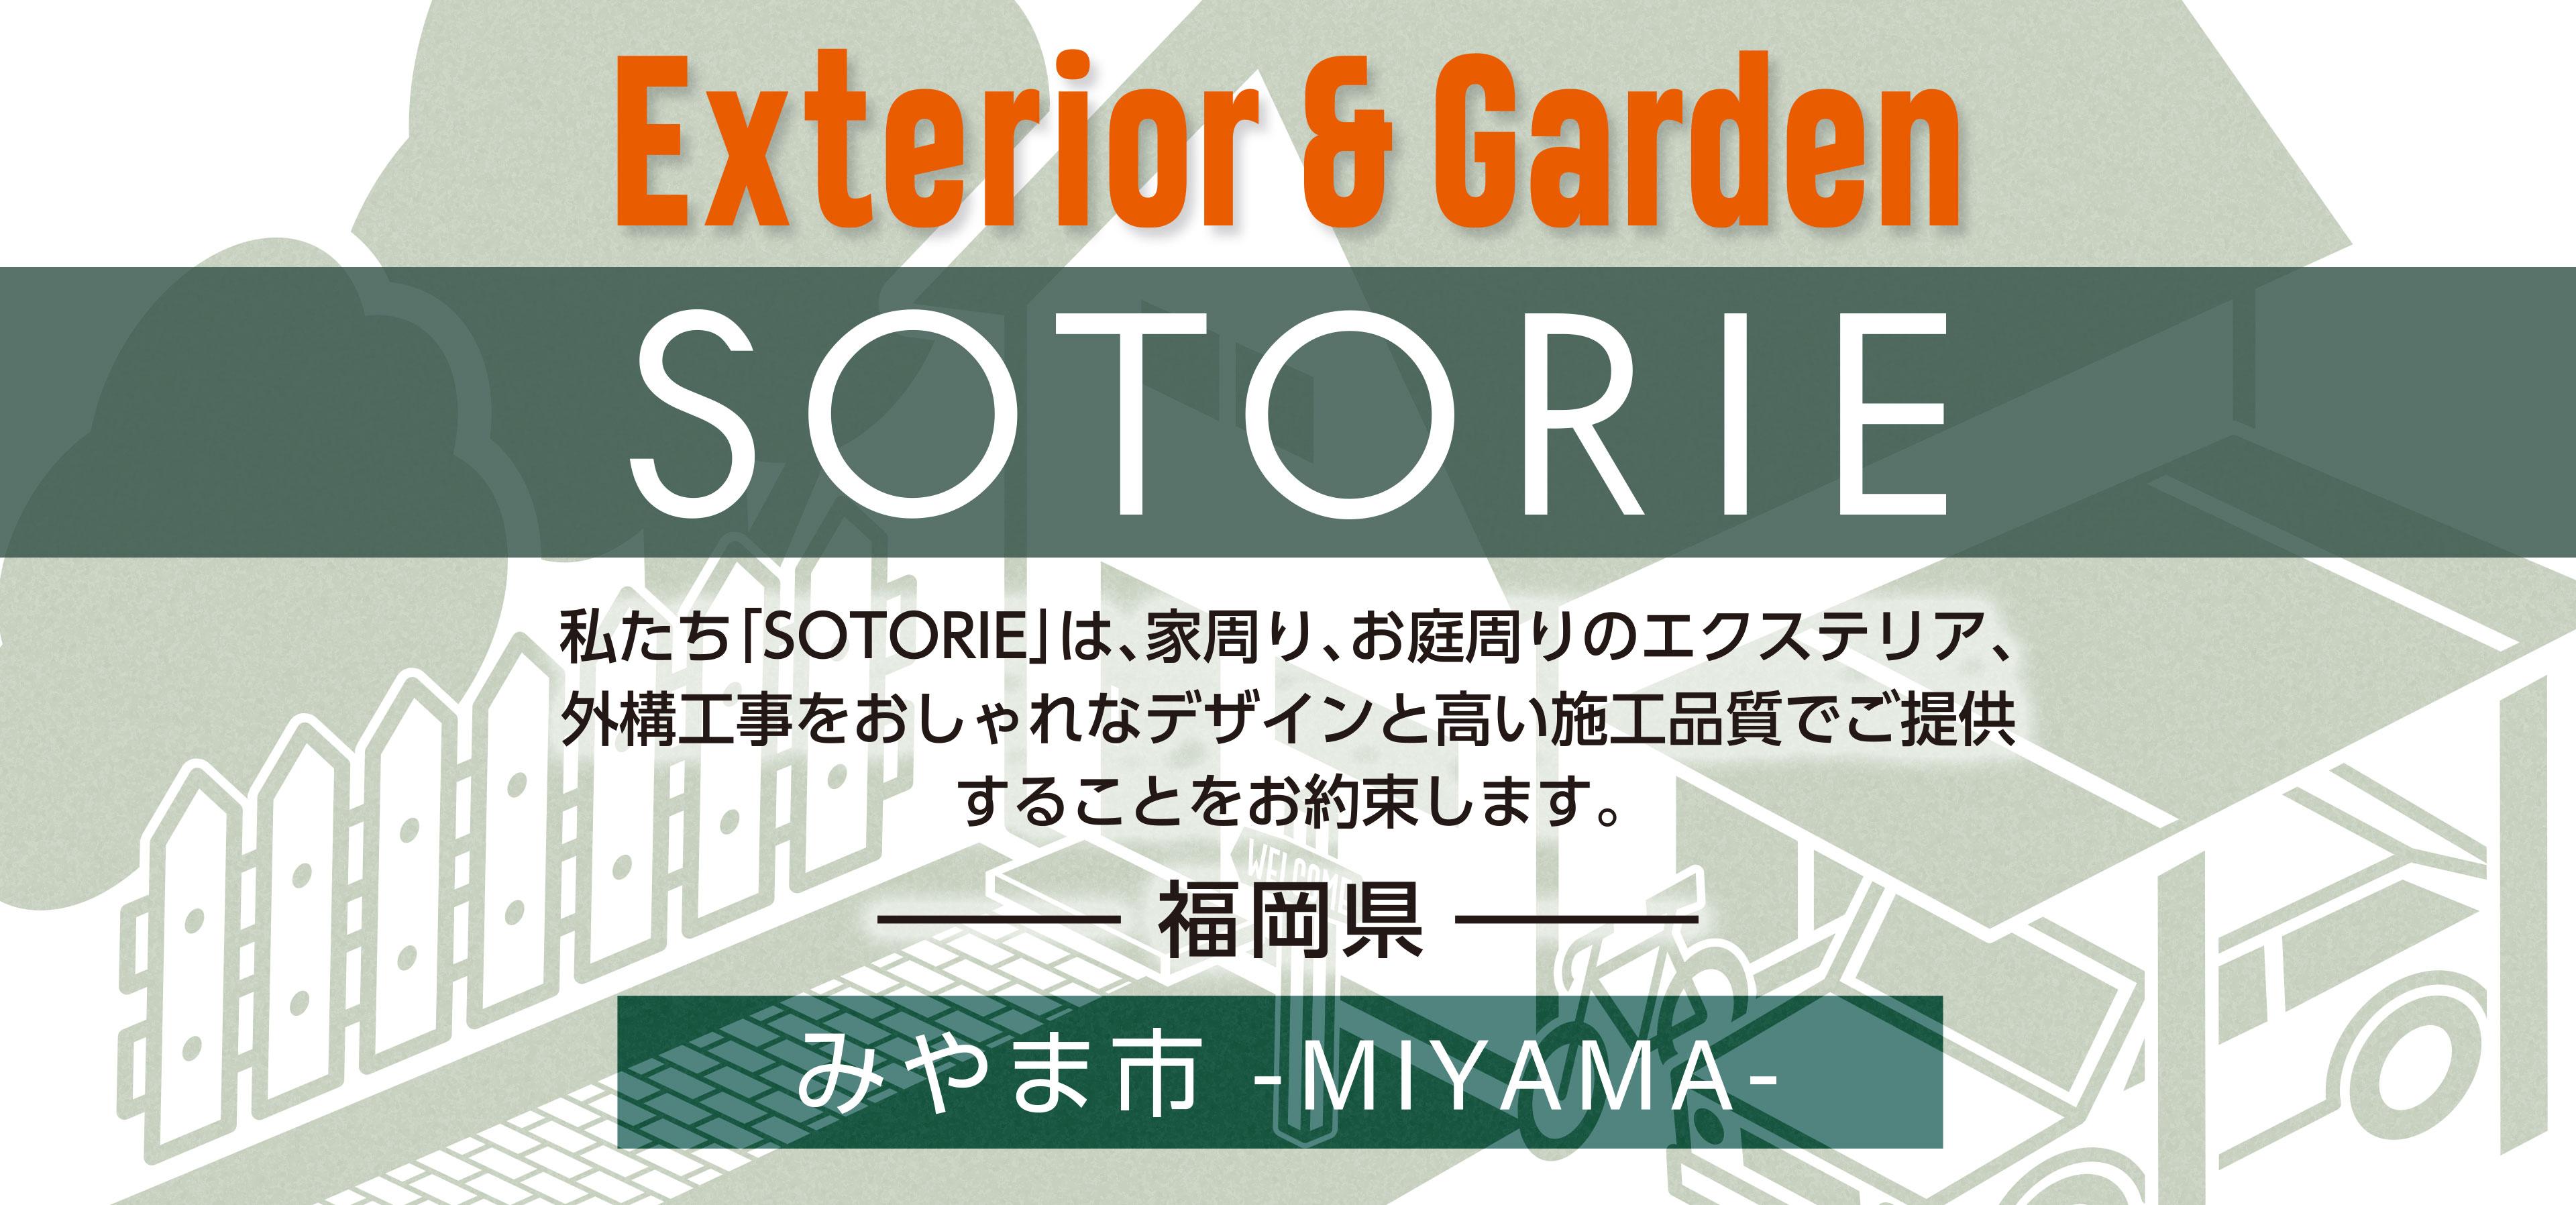 ソトリエみやま市では、家周りと庭周りの外構、エクステリア工事をおしゃれなデザインと高い施工品質でご提供することをお約束します。